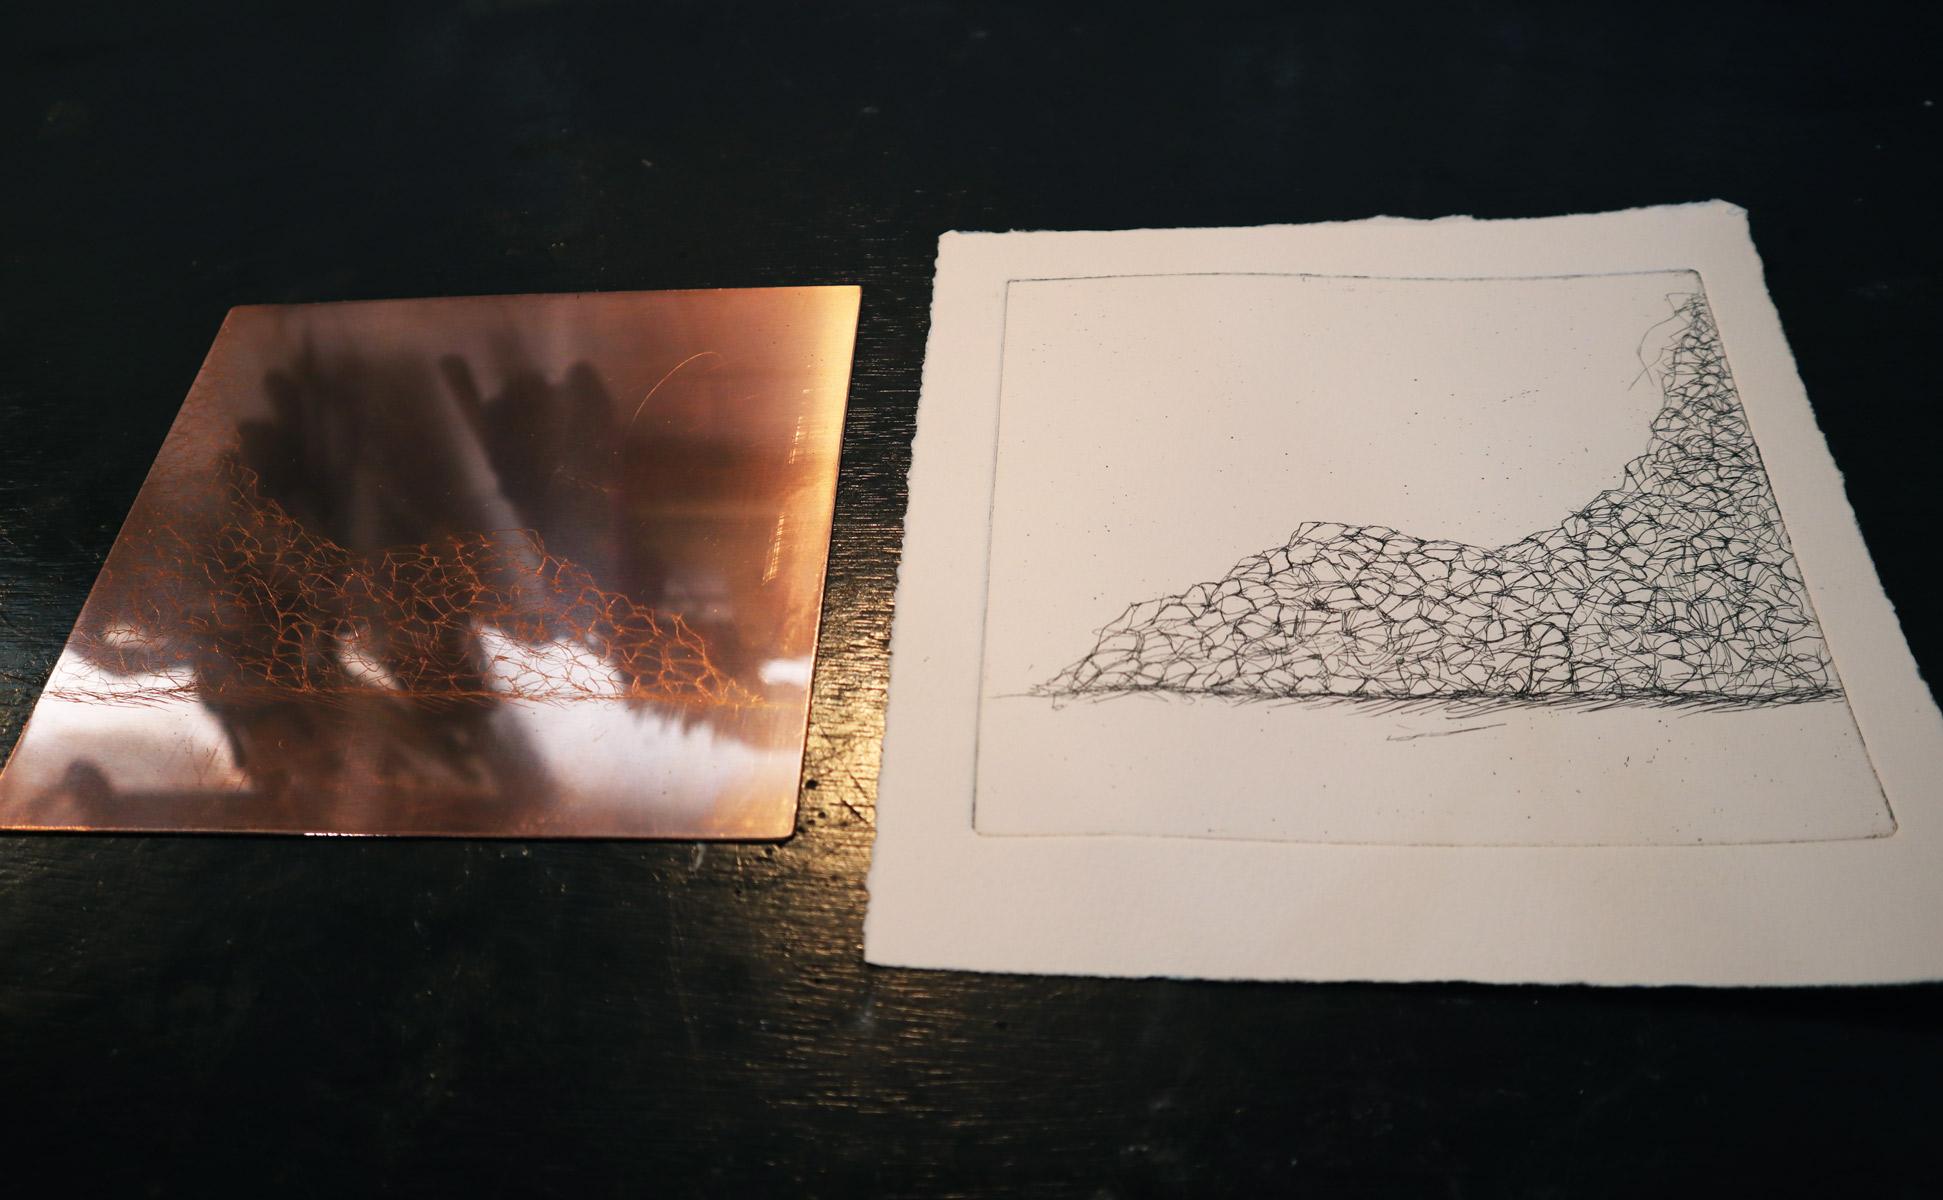 【コラージュ 作り方】絵が描けなくても楽しめる! とっても簡単!コラージュ (collage)の作り方